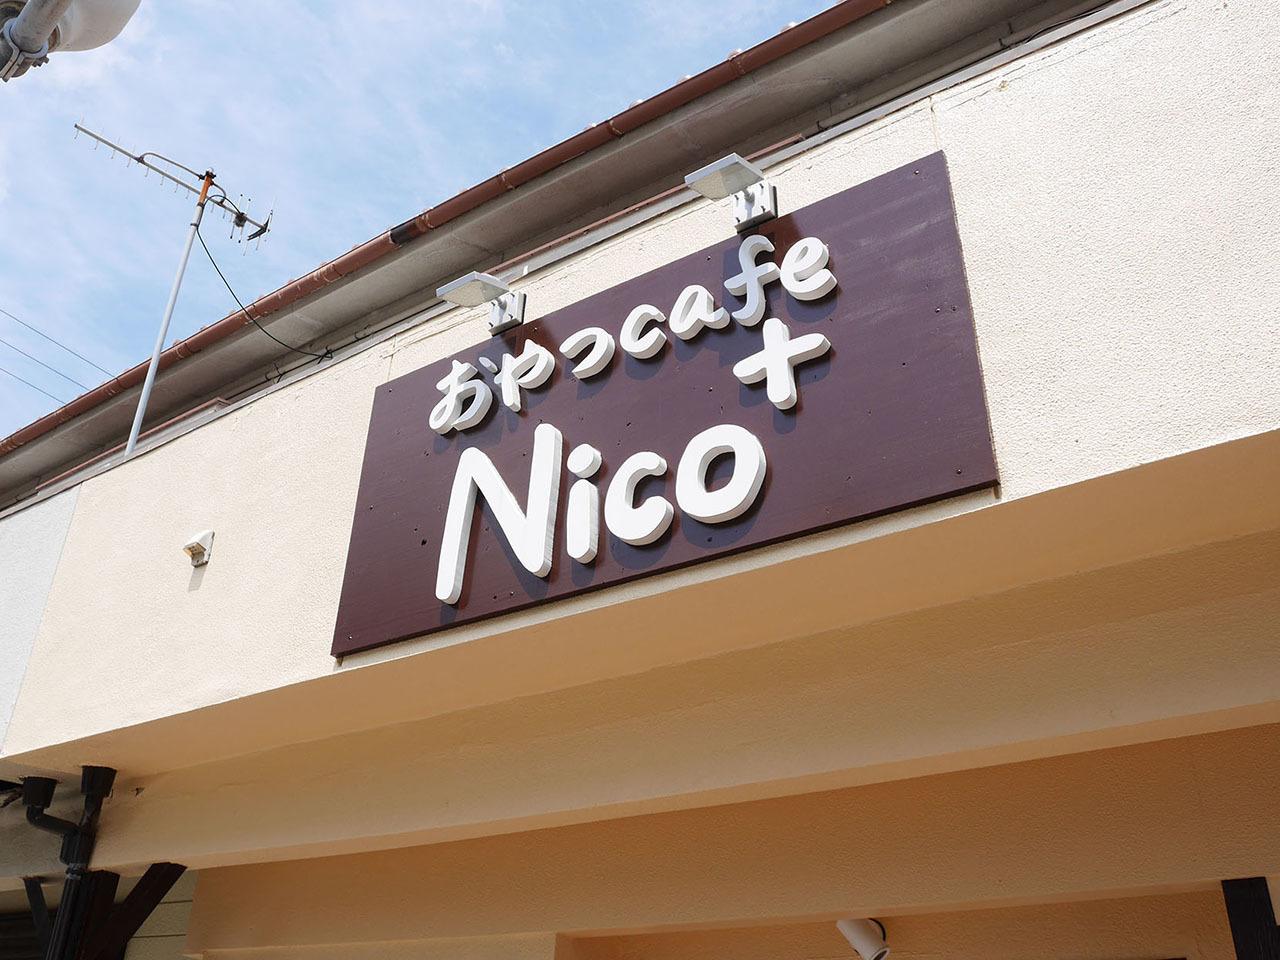 明石市荷山町|「おやつcafe Nico+」さん 2020年4月15日オープン!_a0129705_03054945.jpg